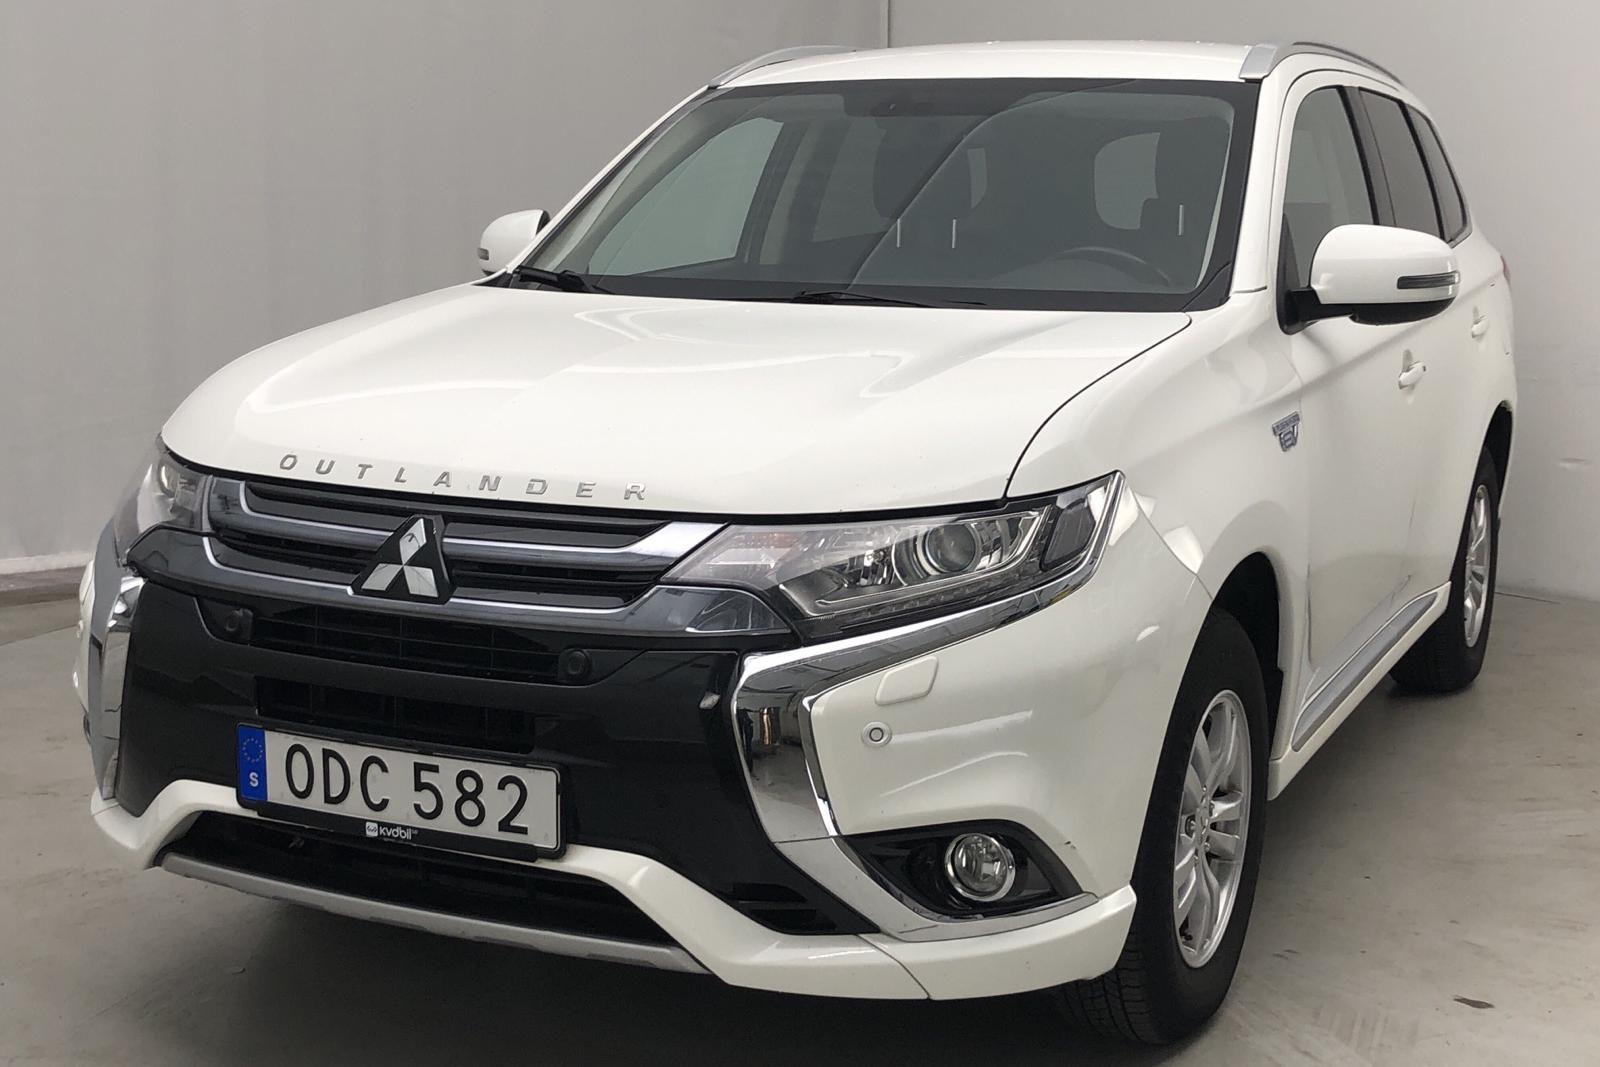 Гибридный подключаемый модуль 2.0 Mitsubishi Outlander 4WD (121hk)